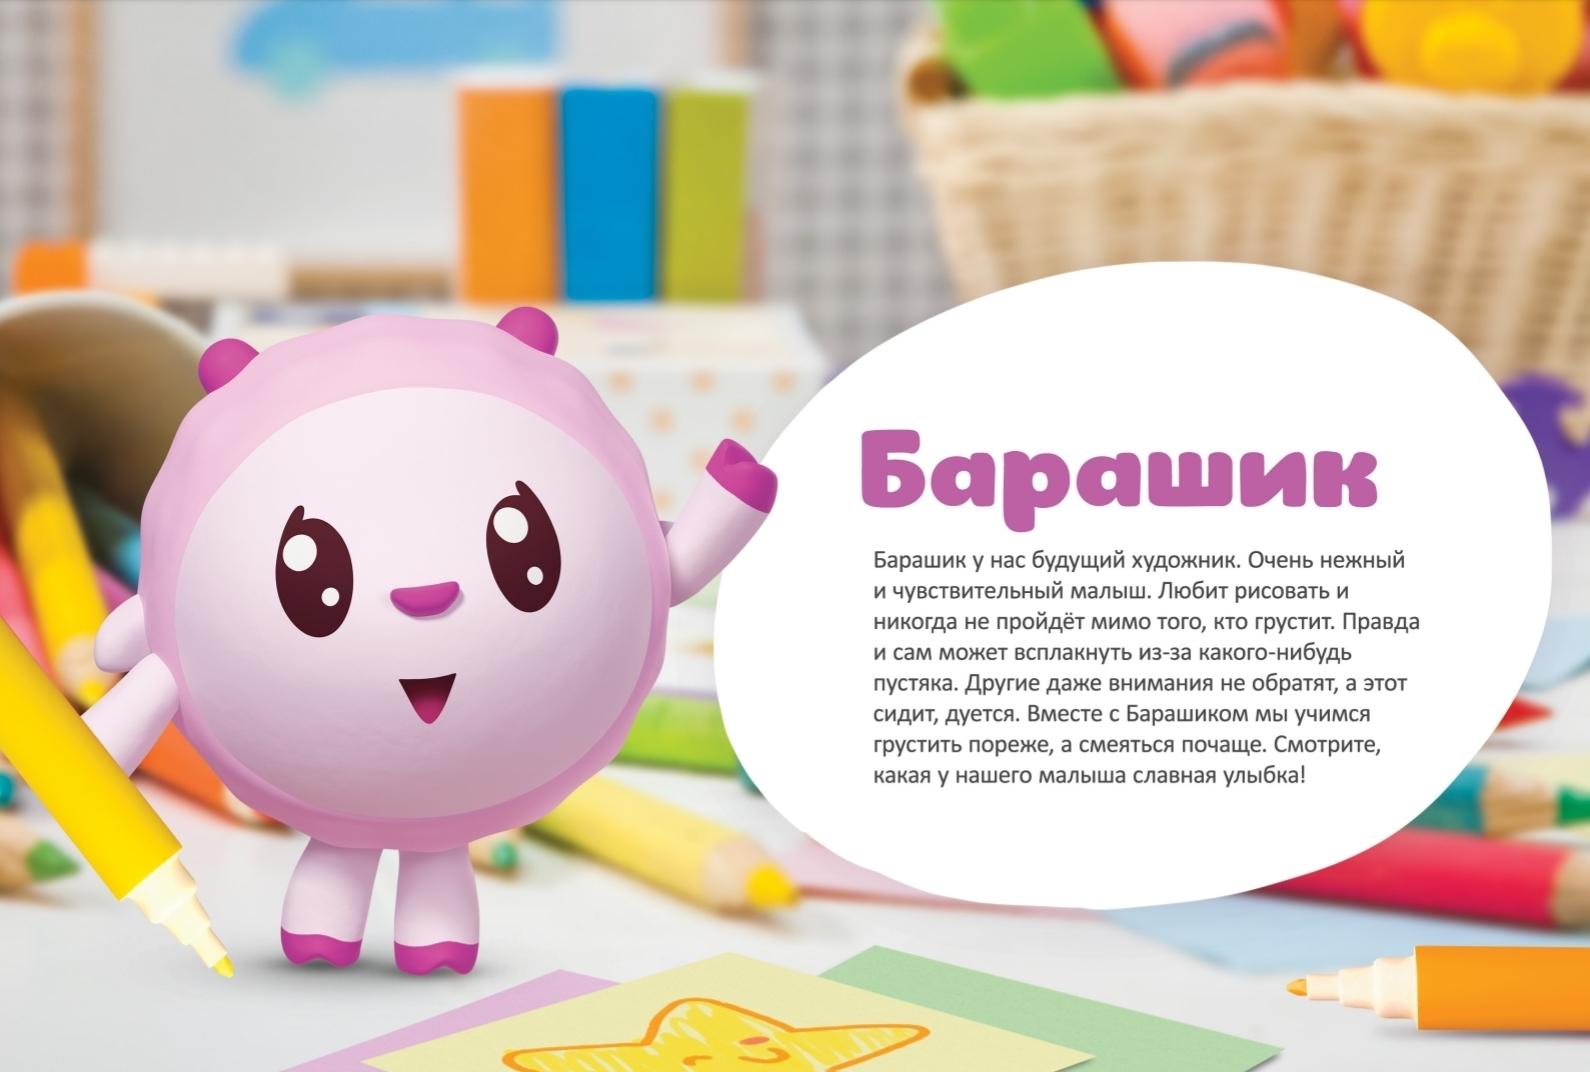 Персонаж малышариков Барашик